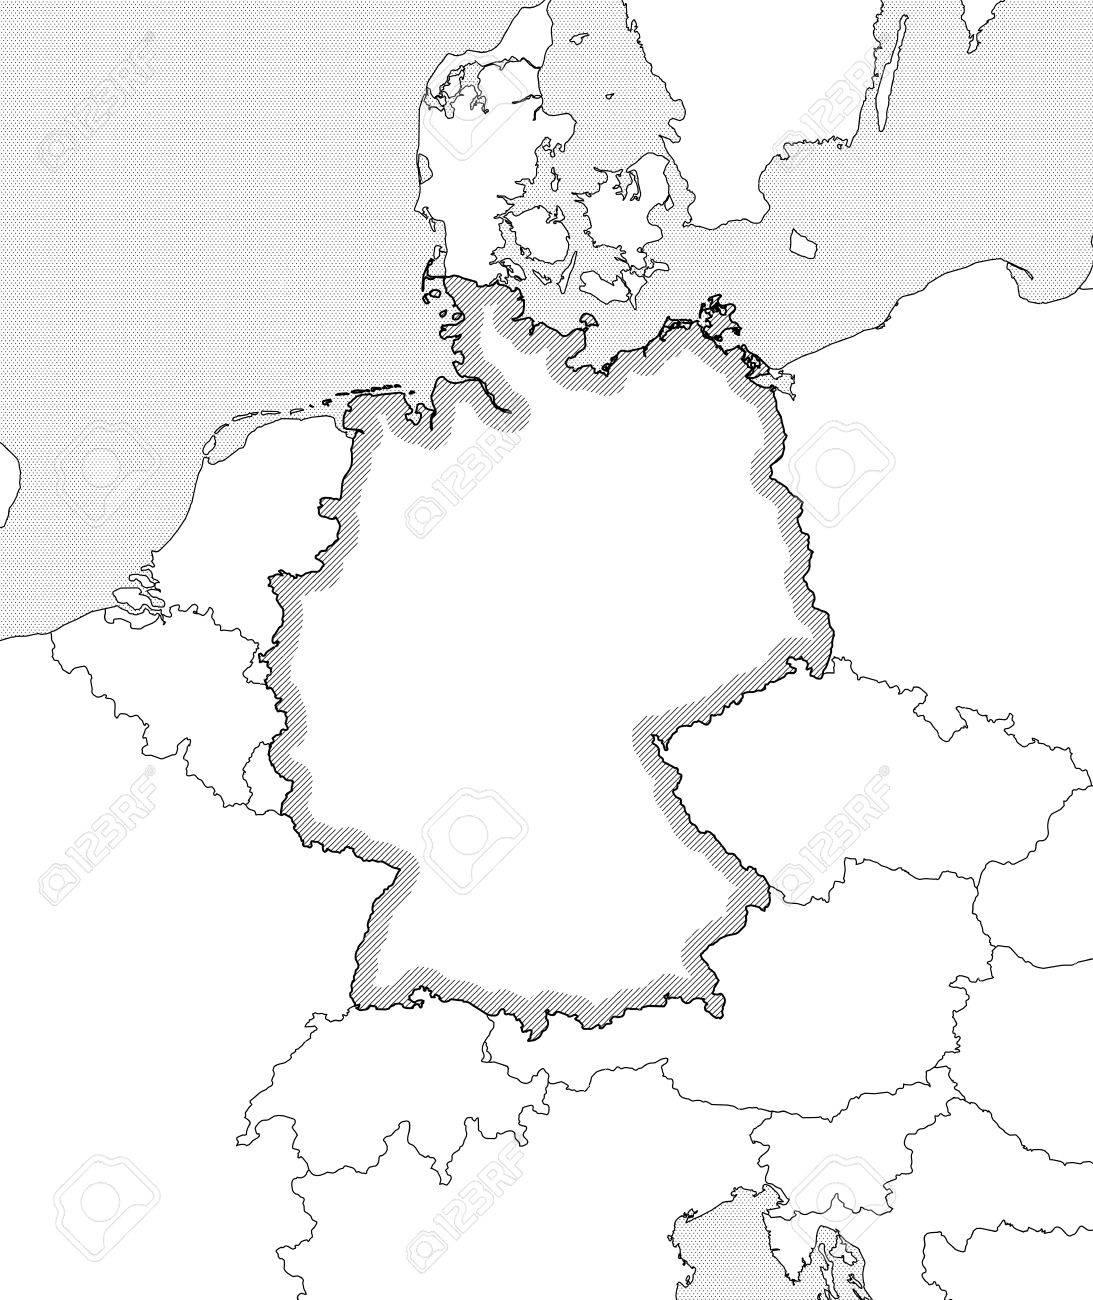 Carte Allemagne Noir Et Blanc.Carte De L Allemagne Et Les Pays Voisins En Noir Et Blanc L Allemagne Est Mise En Evidence Par Une Eclosion